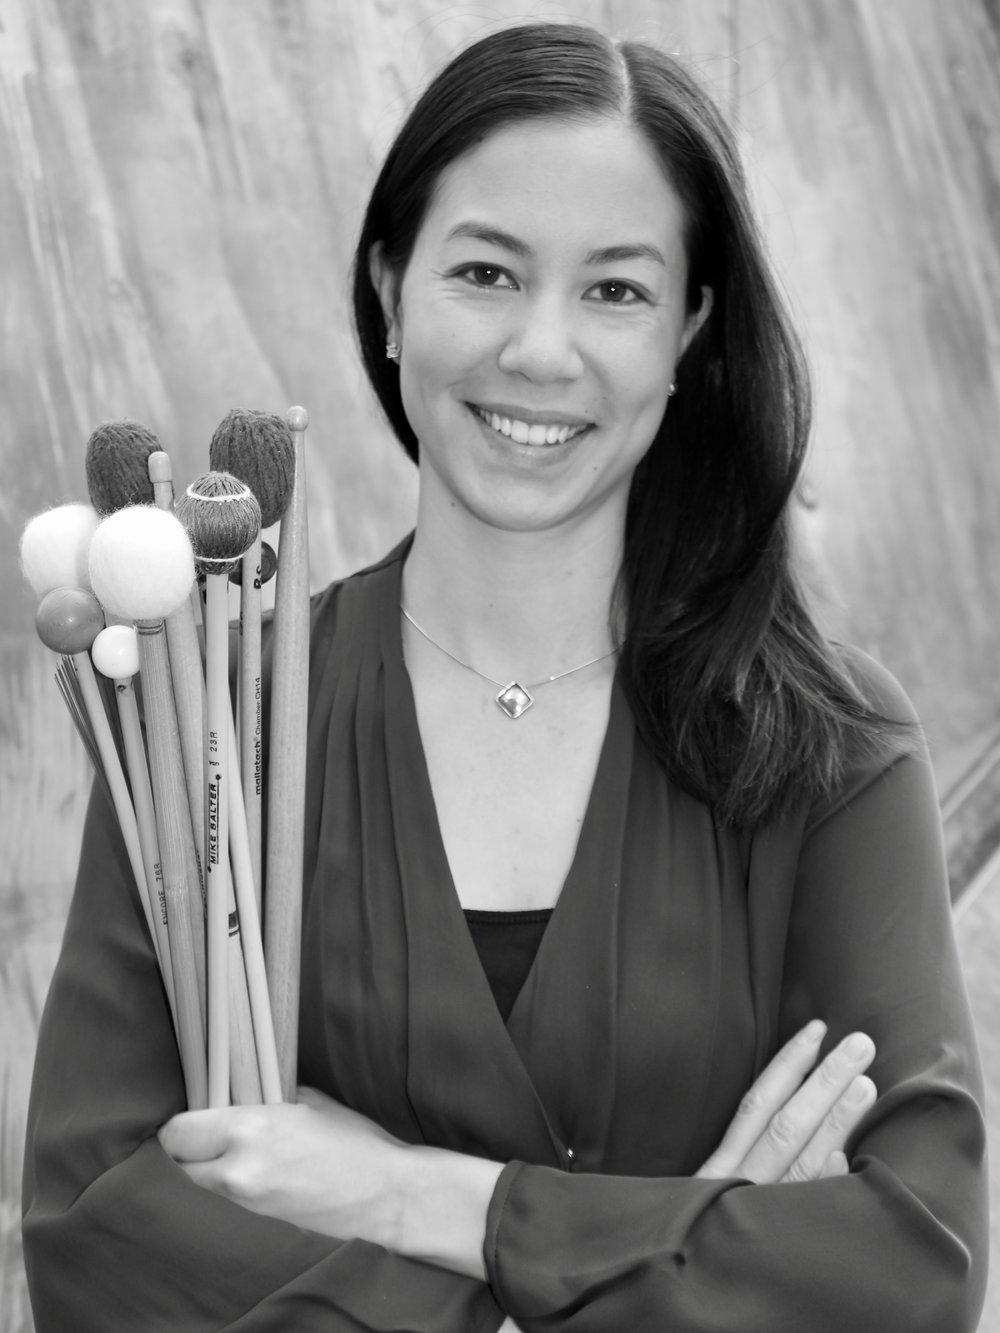 Rebecca the percussionist